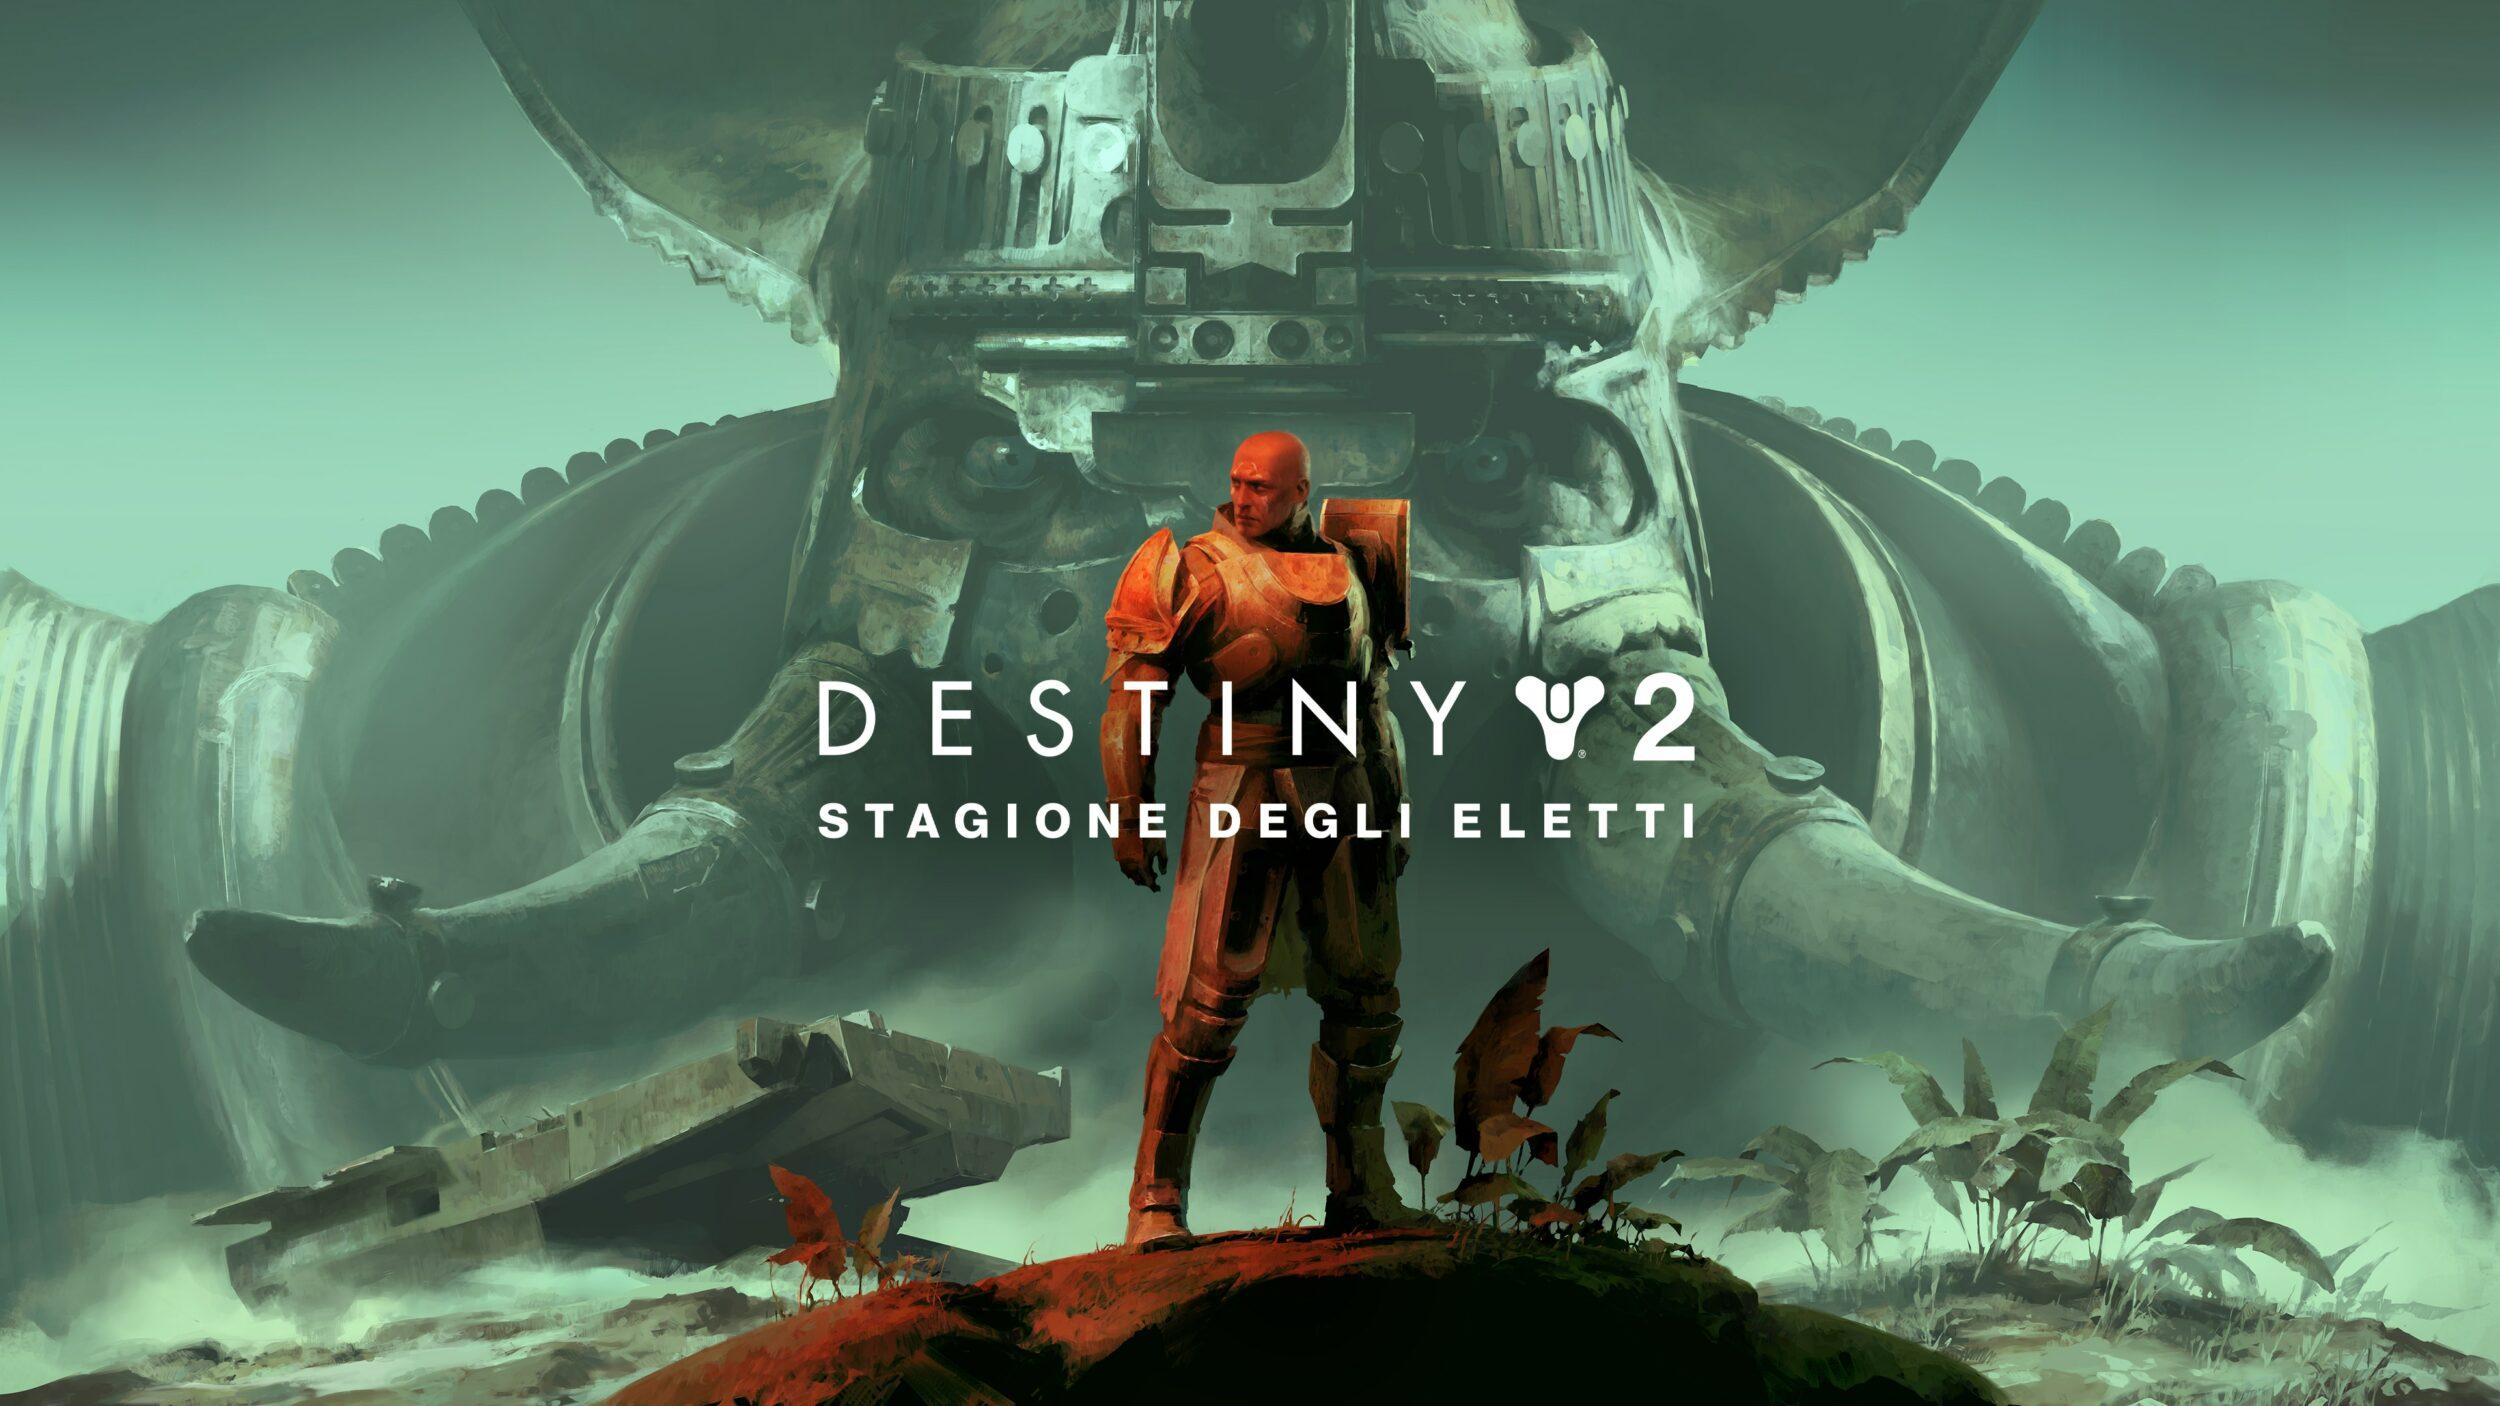 Destiny 2 La Stagione degli Eletti al via dal 9 febbraio: tutte le novità della Stagione 13